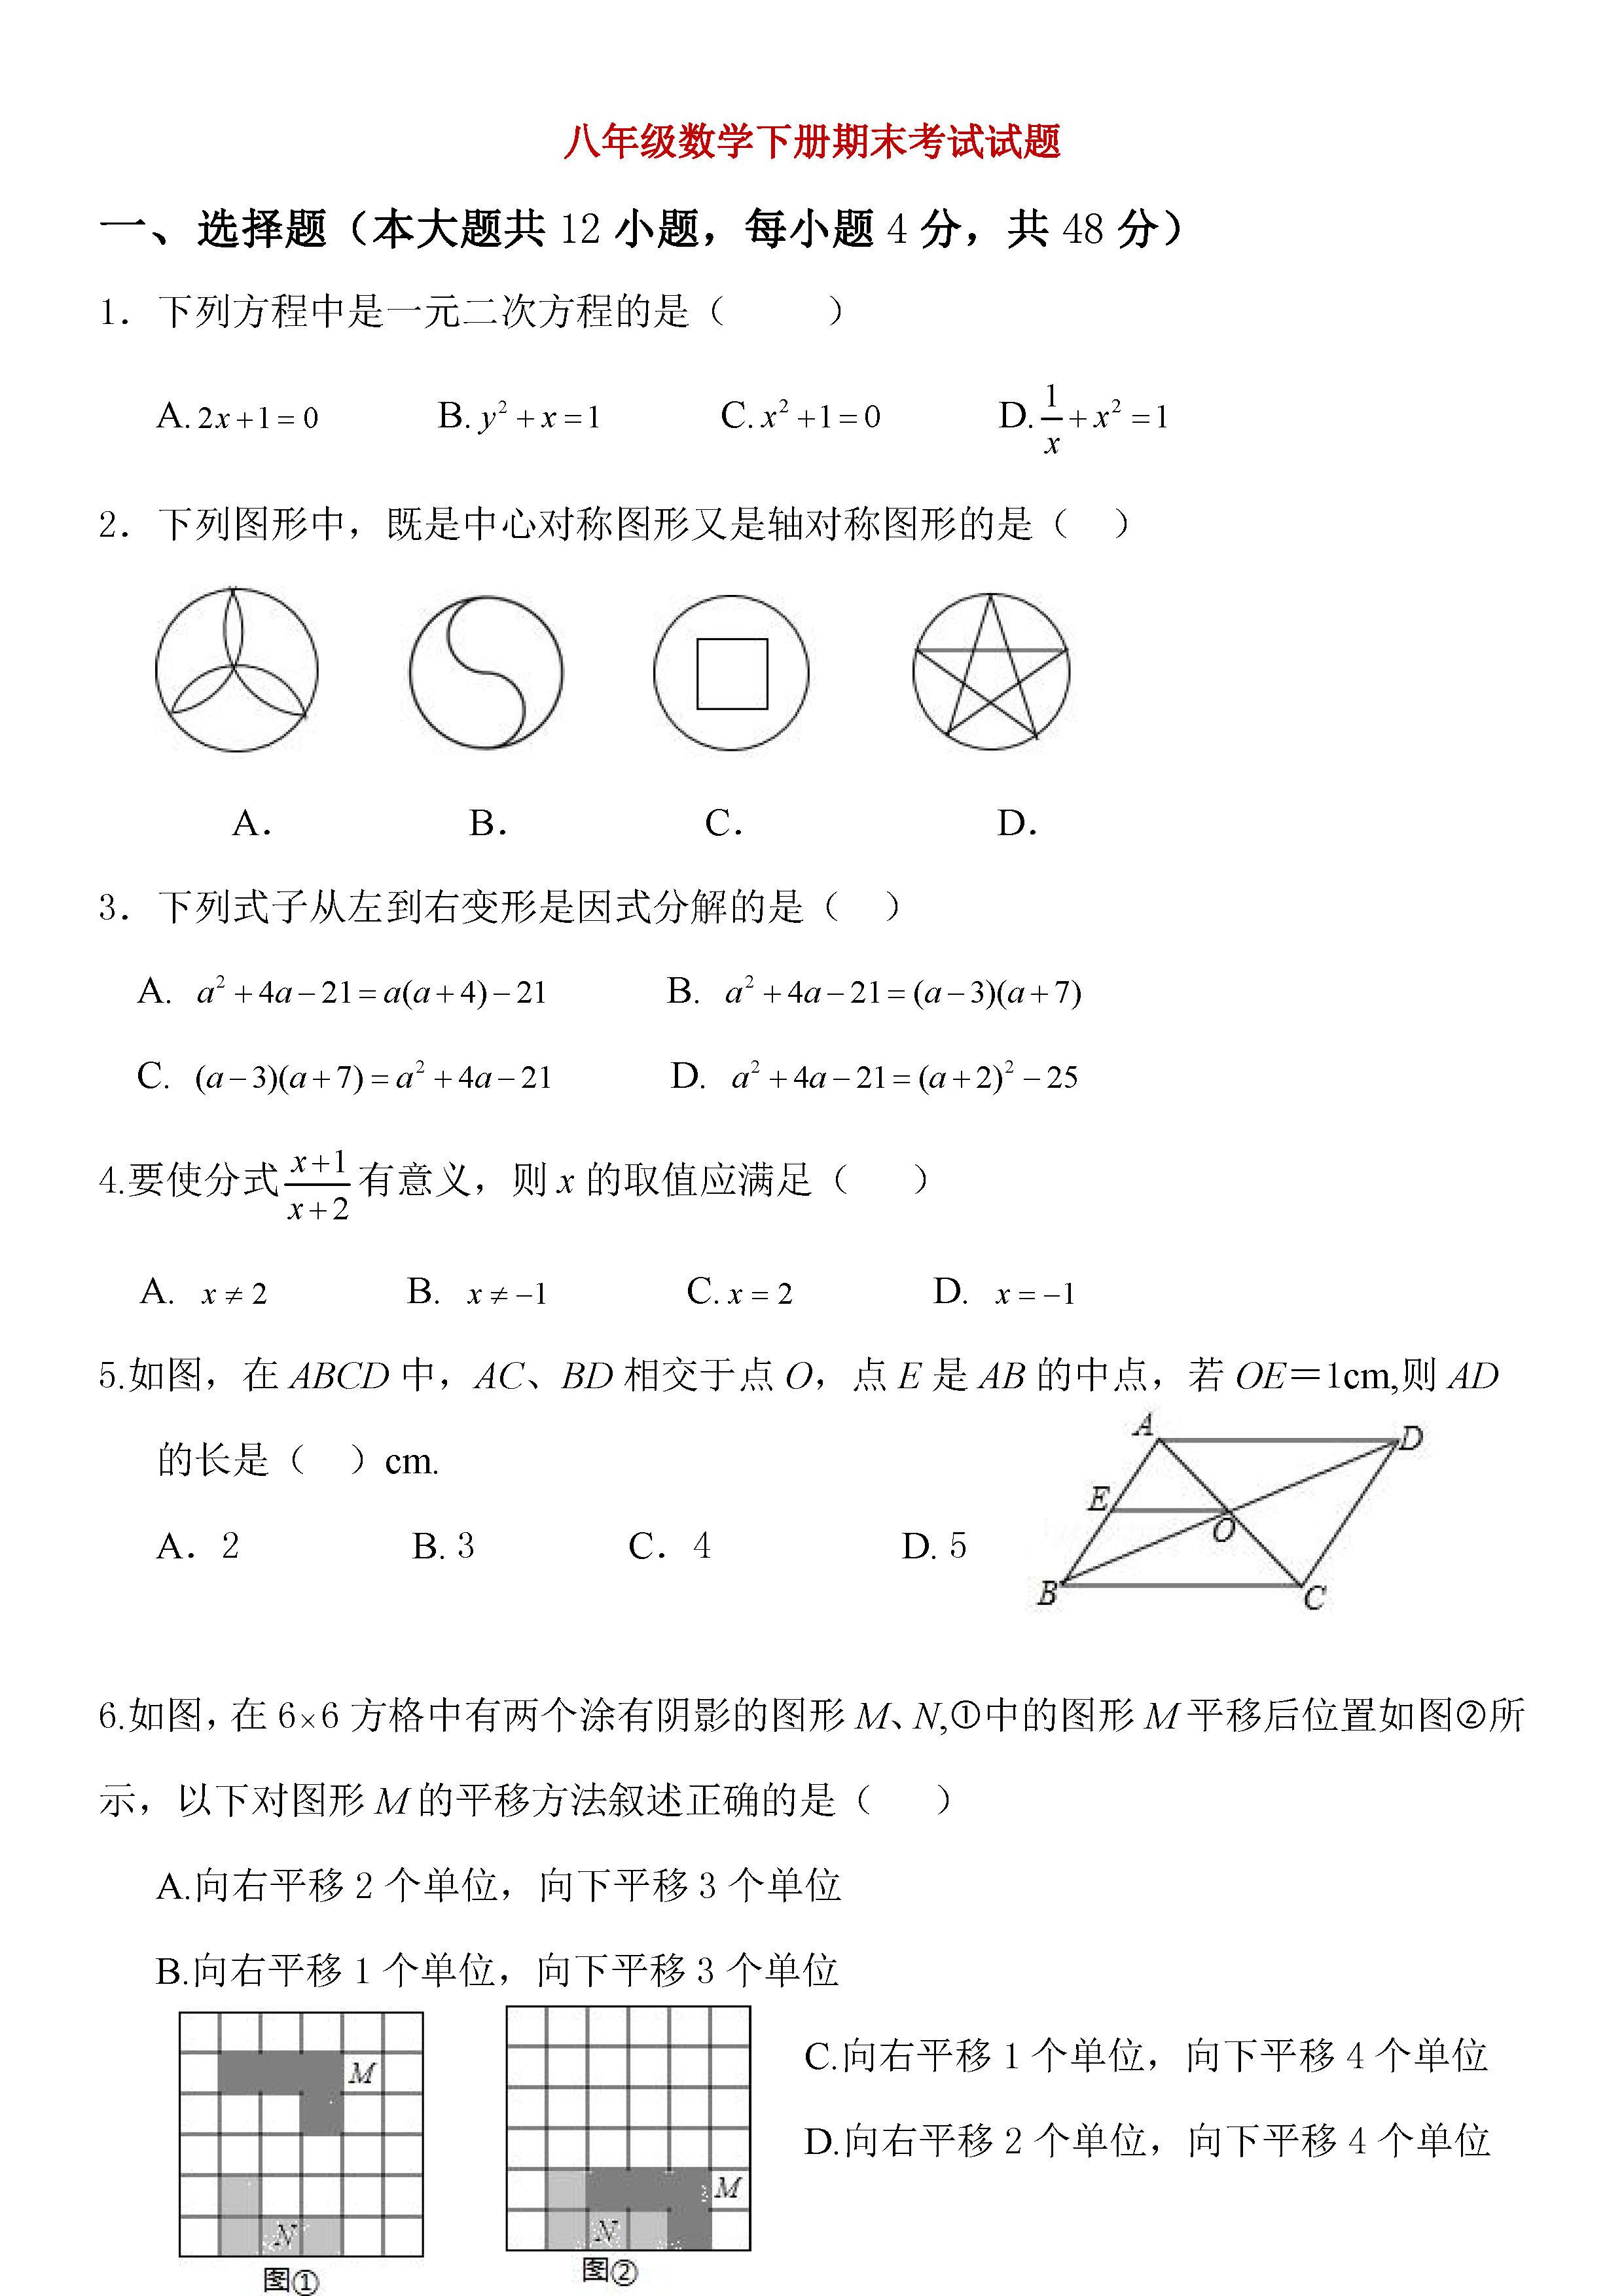 济南外国语学校2018-2019八年级数学下册期末试题含答案